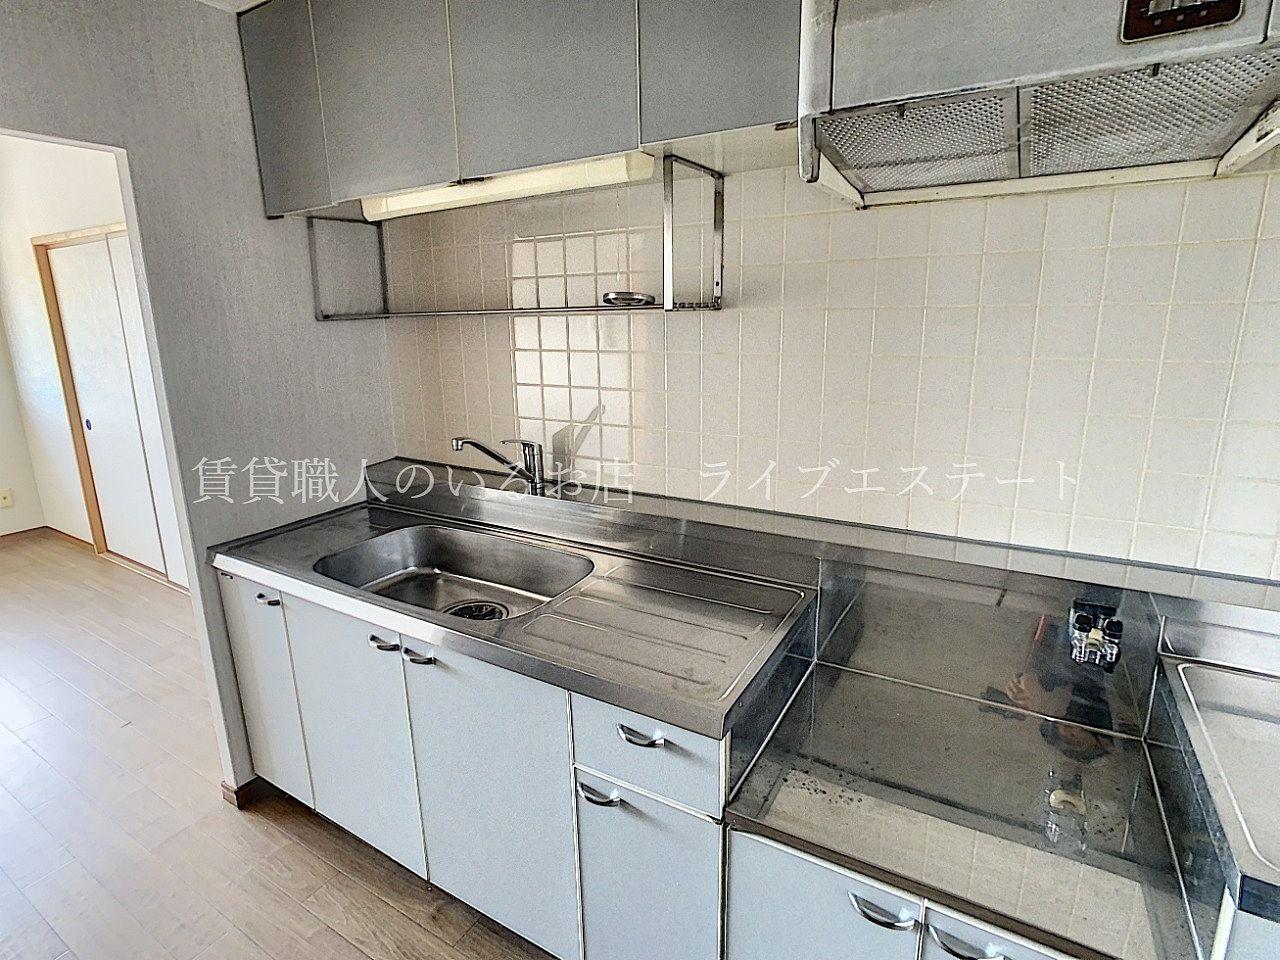 作業スペースやシンク横にスペースもあり、キッチンの横幅は広めです